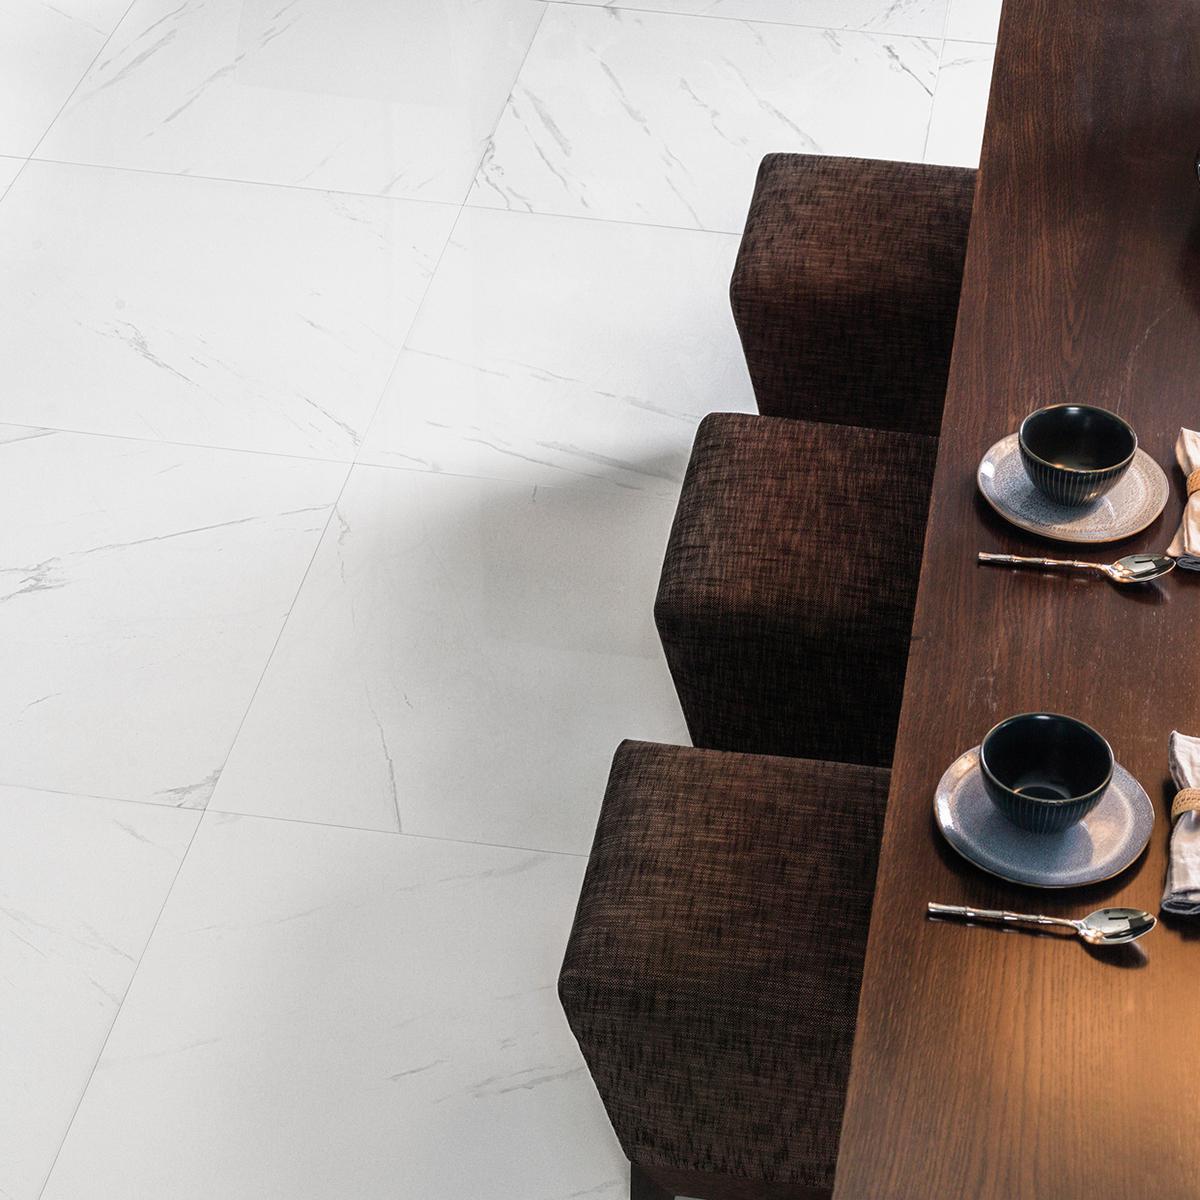 Piso Thassos Blanco Brillante - 59.6X59.6 cm - 1.42 m2